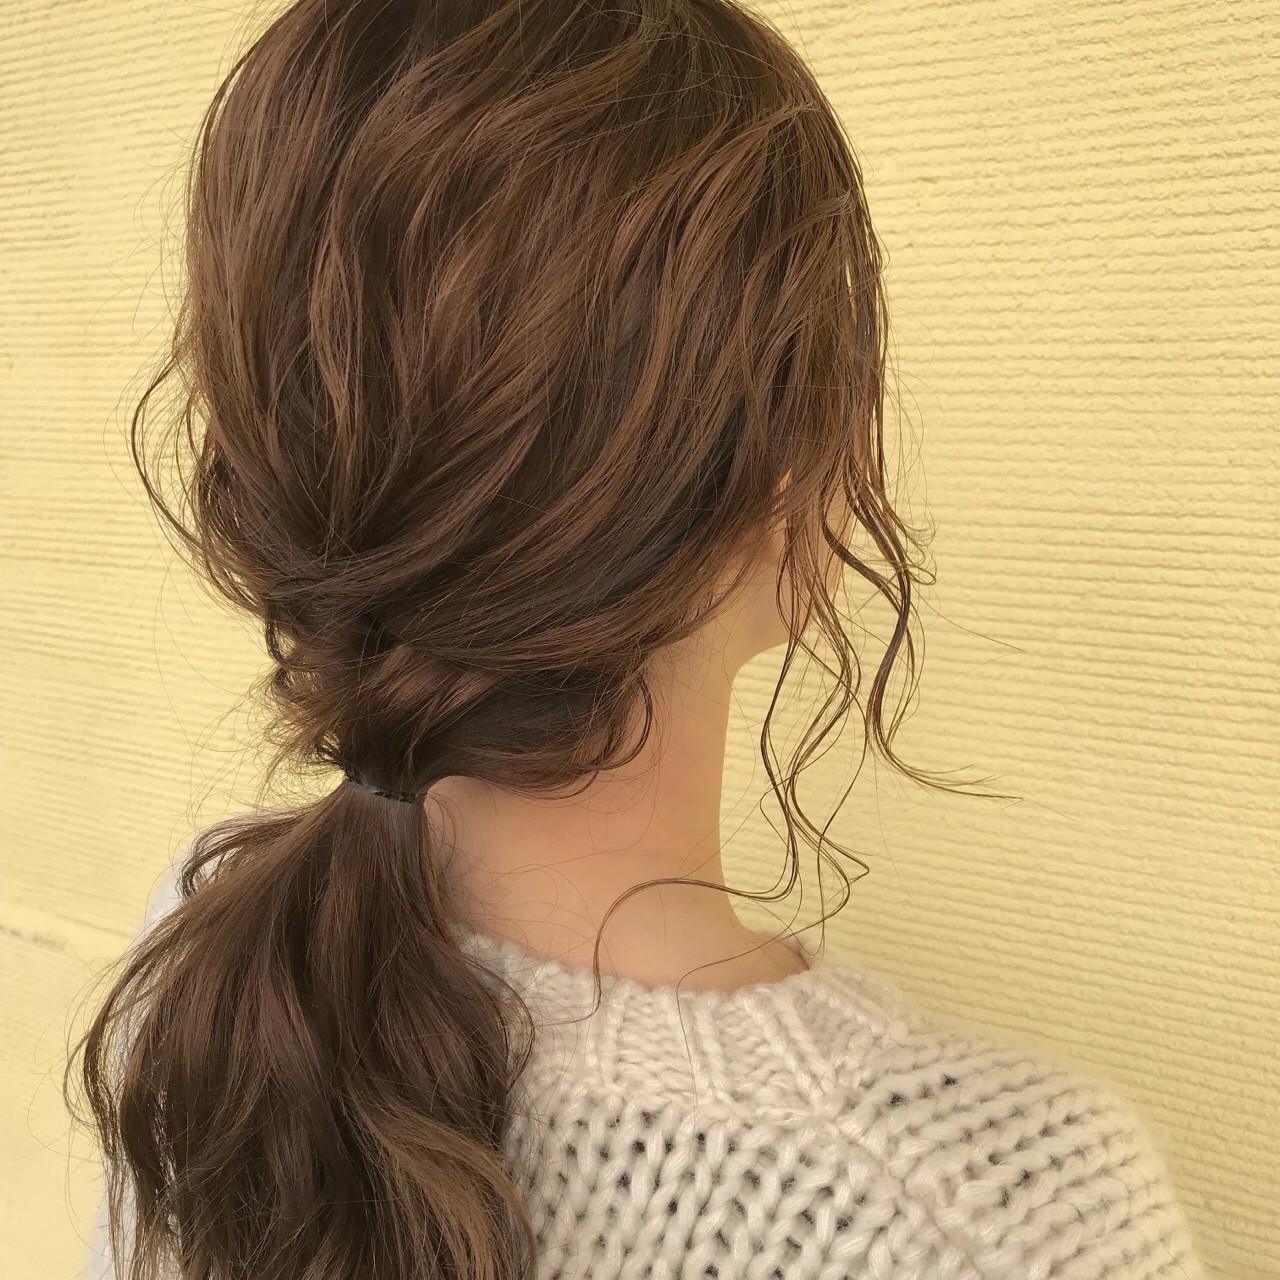 ハイライト 抜け感 バレンタイン セミロング ヘアスタイルや髪型の写真・画像